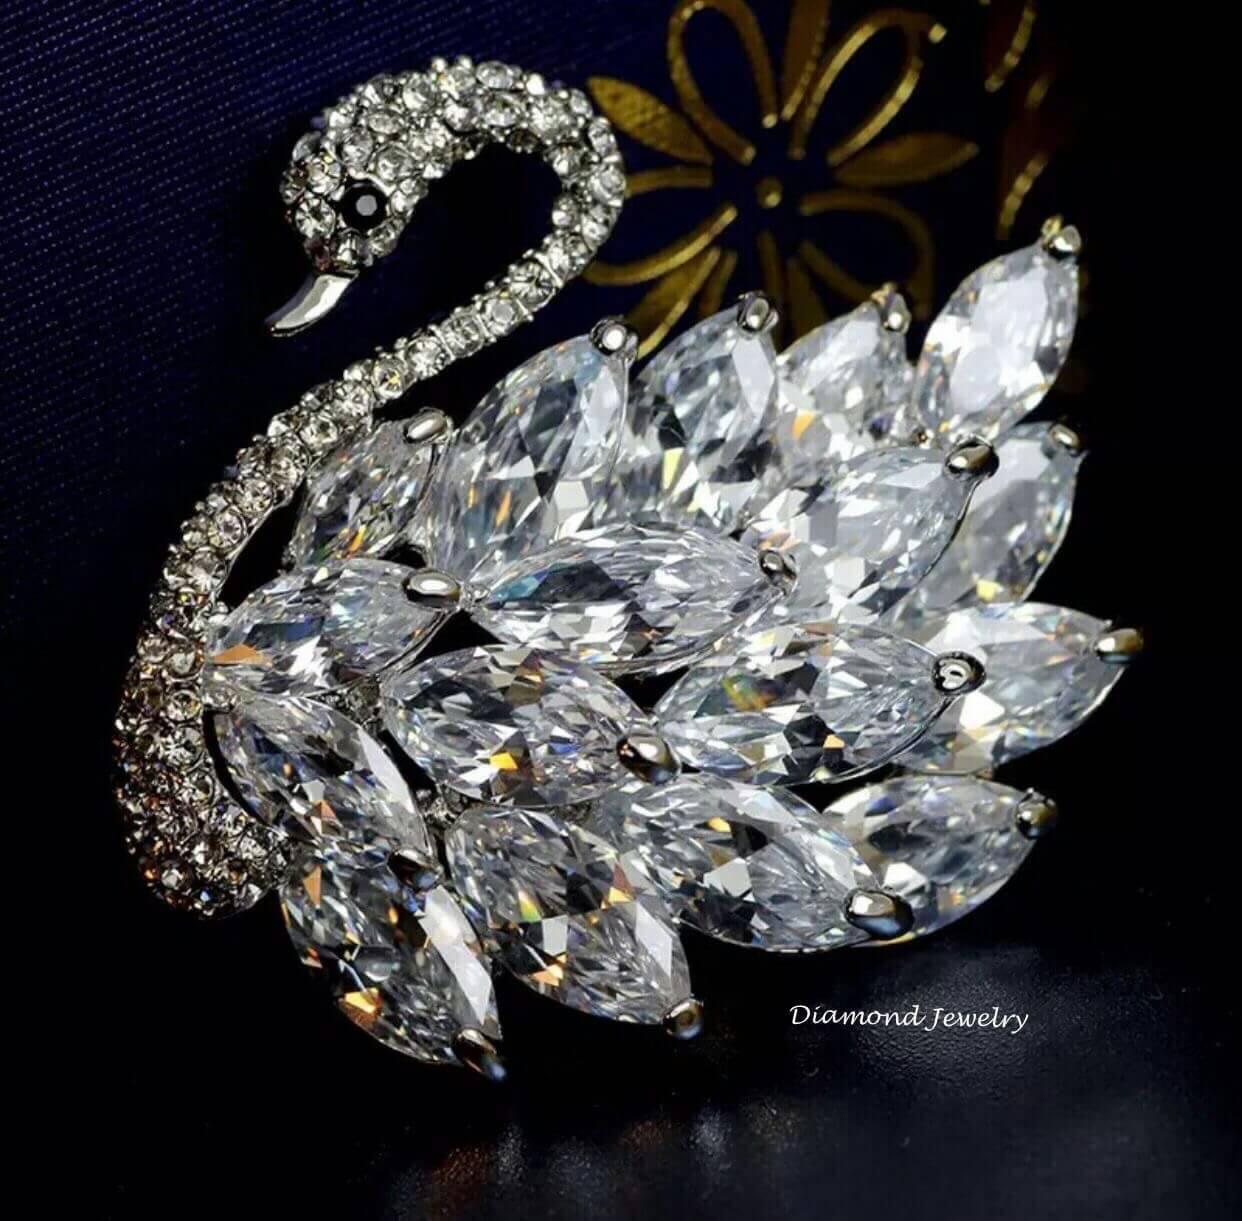 พร้อมส่ง Diamond Brooch เข็มกลัดเพชร งานเพชร CZ